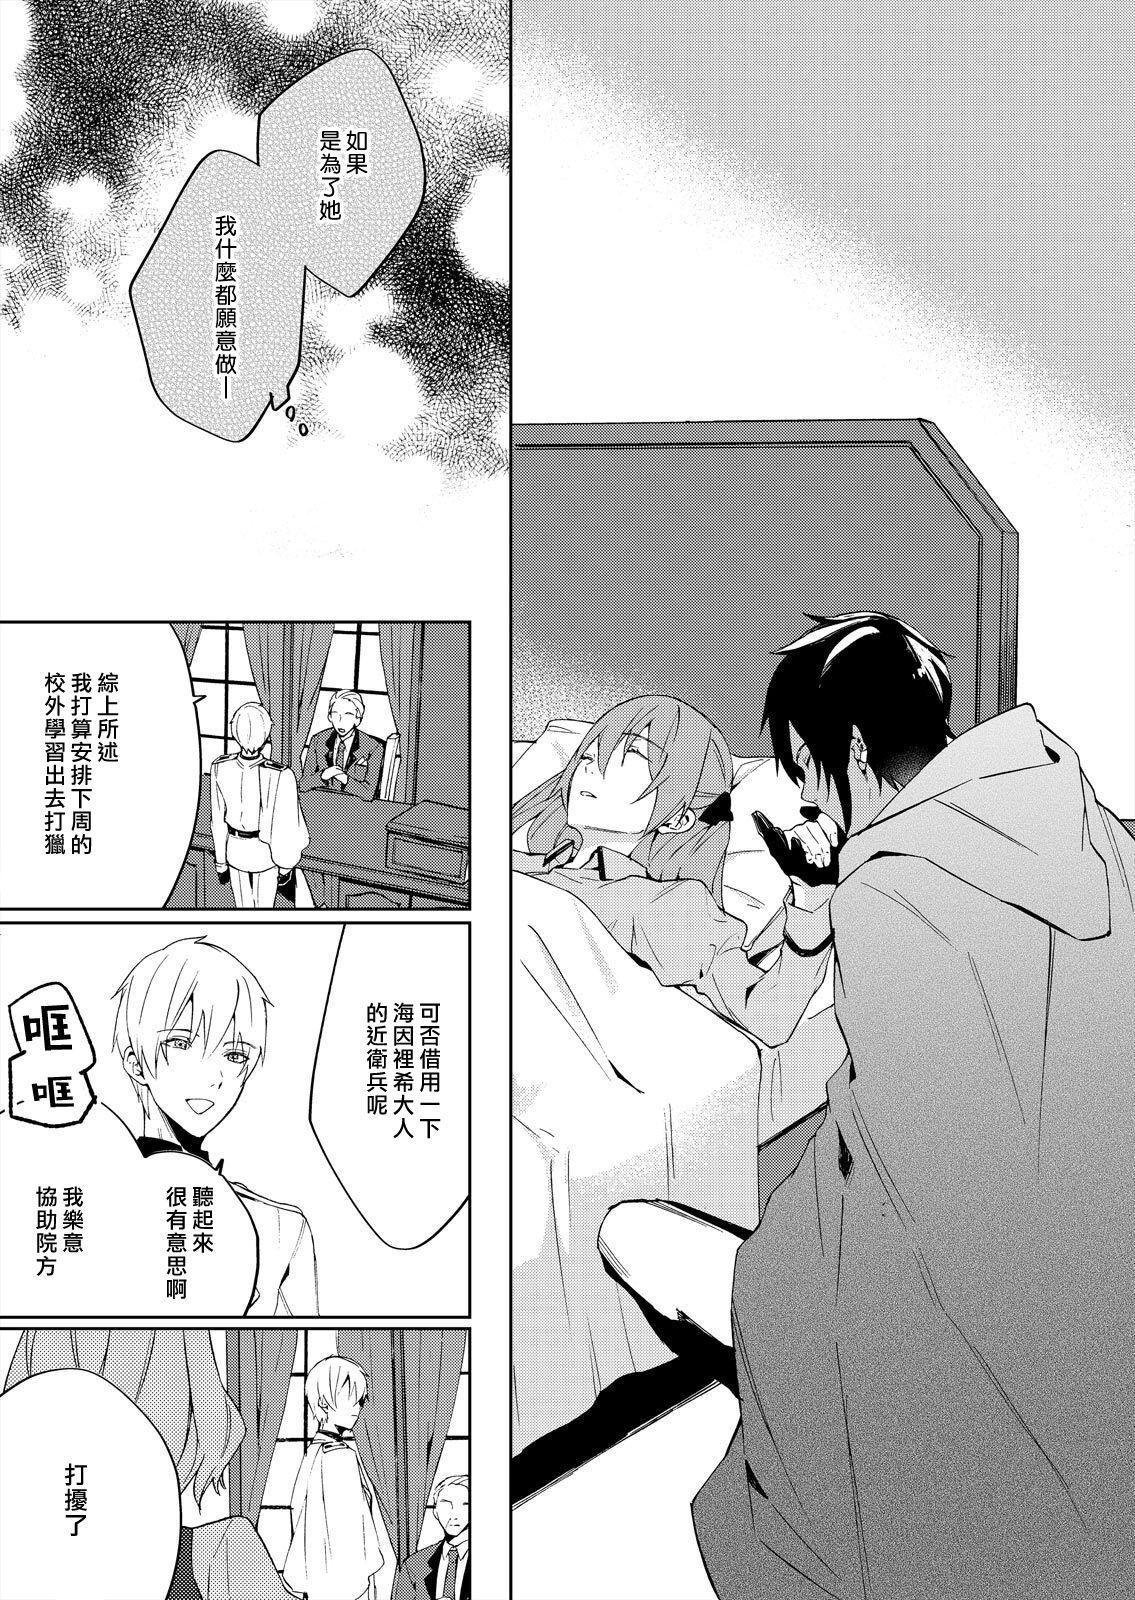 [Yuzushiwo] Akuyaku Reijou wa Ichizu ni Dekiai sarete ~Noumitsu Sex no Aite wa Juuboku~ | 被疯狂溺爱的反派大小姐~浓密性爱对象是仆从~ 1-5 [Chinese] [莉赛特汉化组] 36